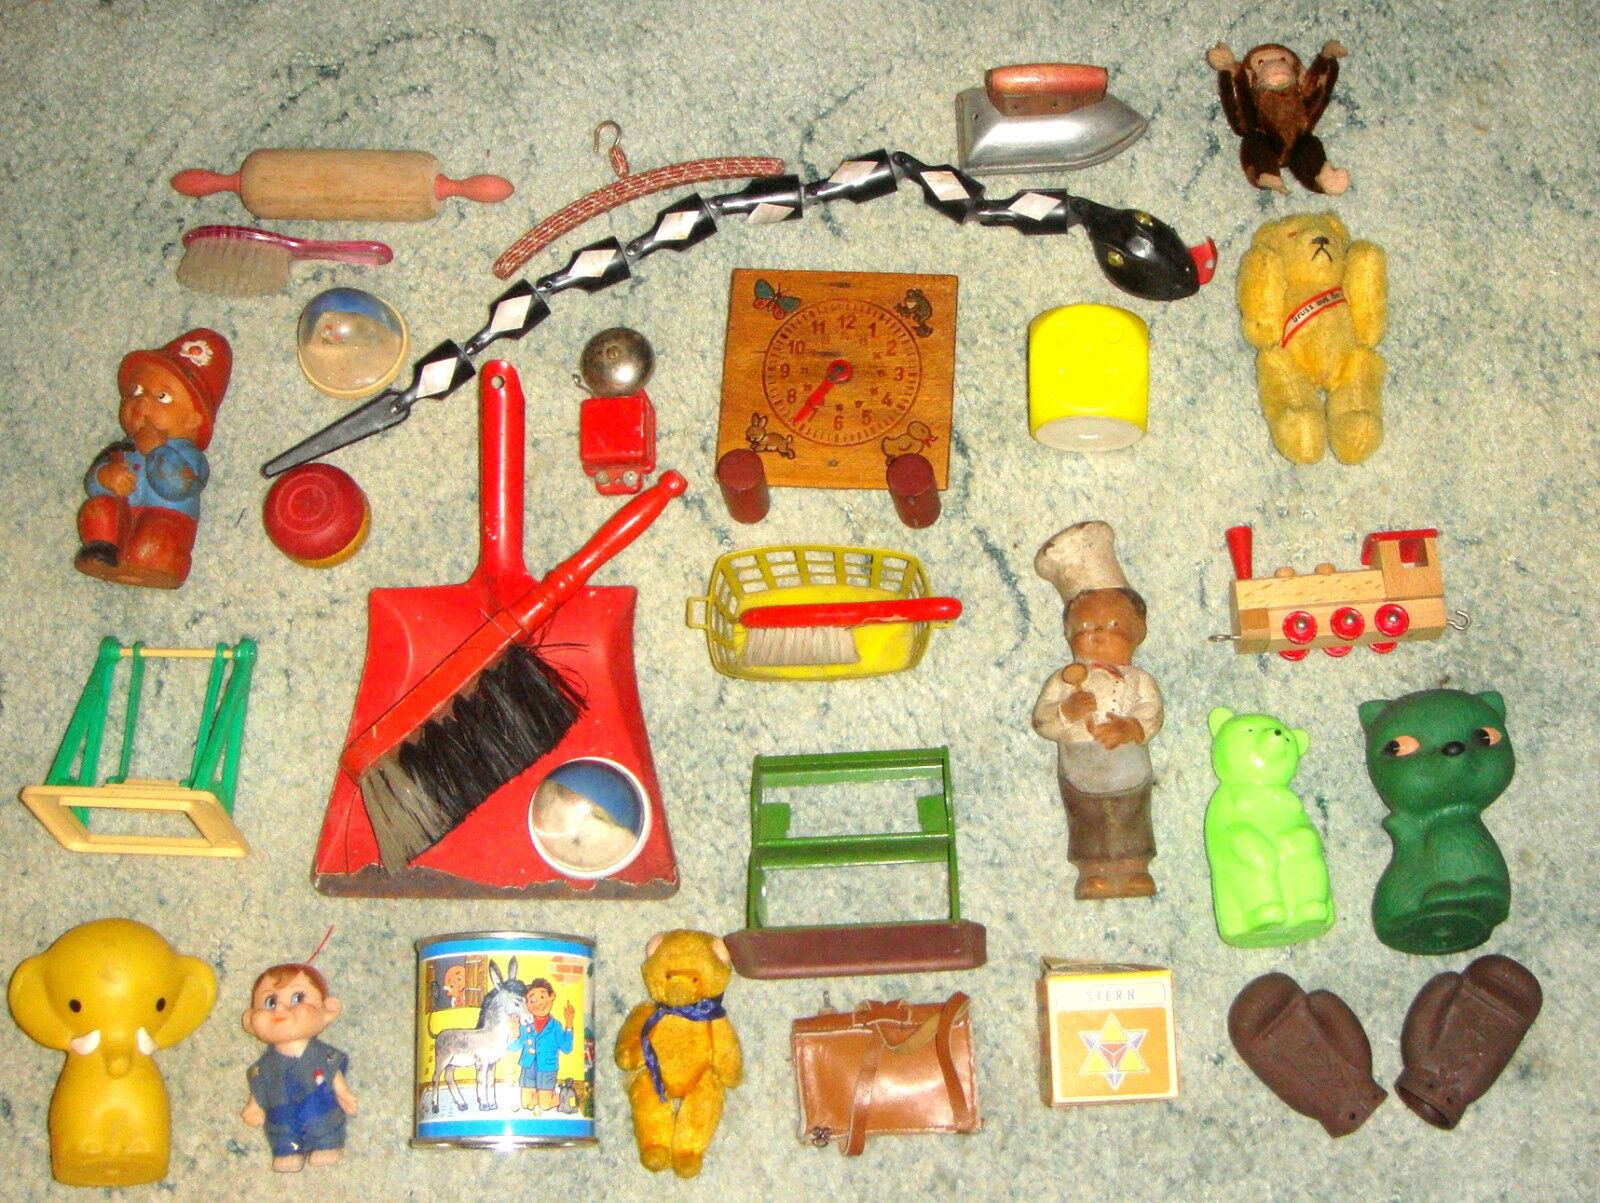 ca. 30 Teile altes DDR Mini-Spielzeug / Kleinst-Spielzeug / Nippes / Kinderkram